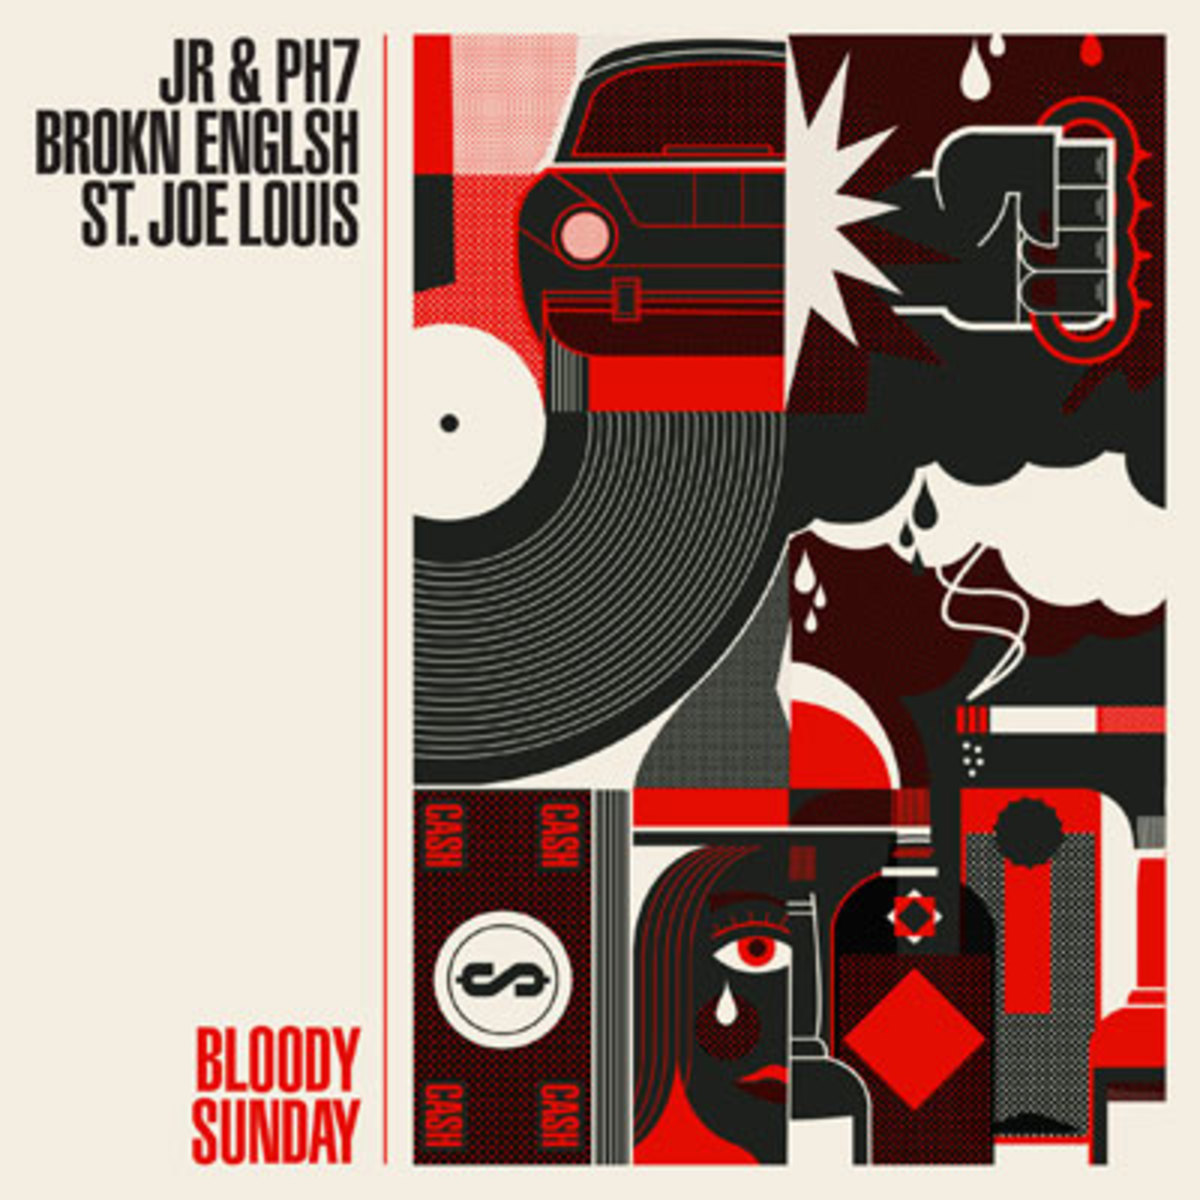 jrph7-bloody.jpg